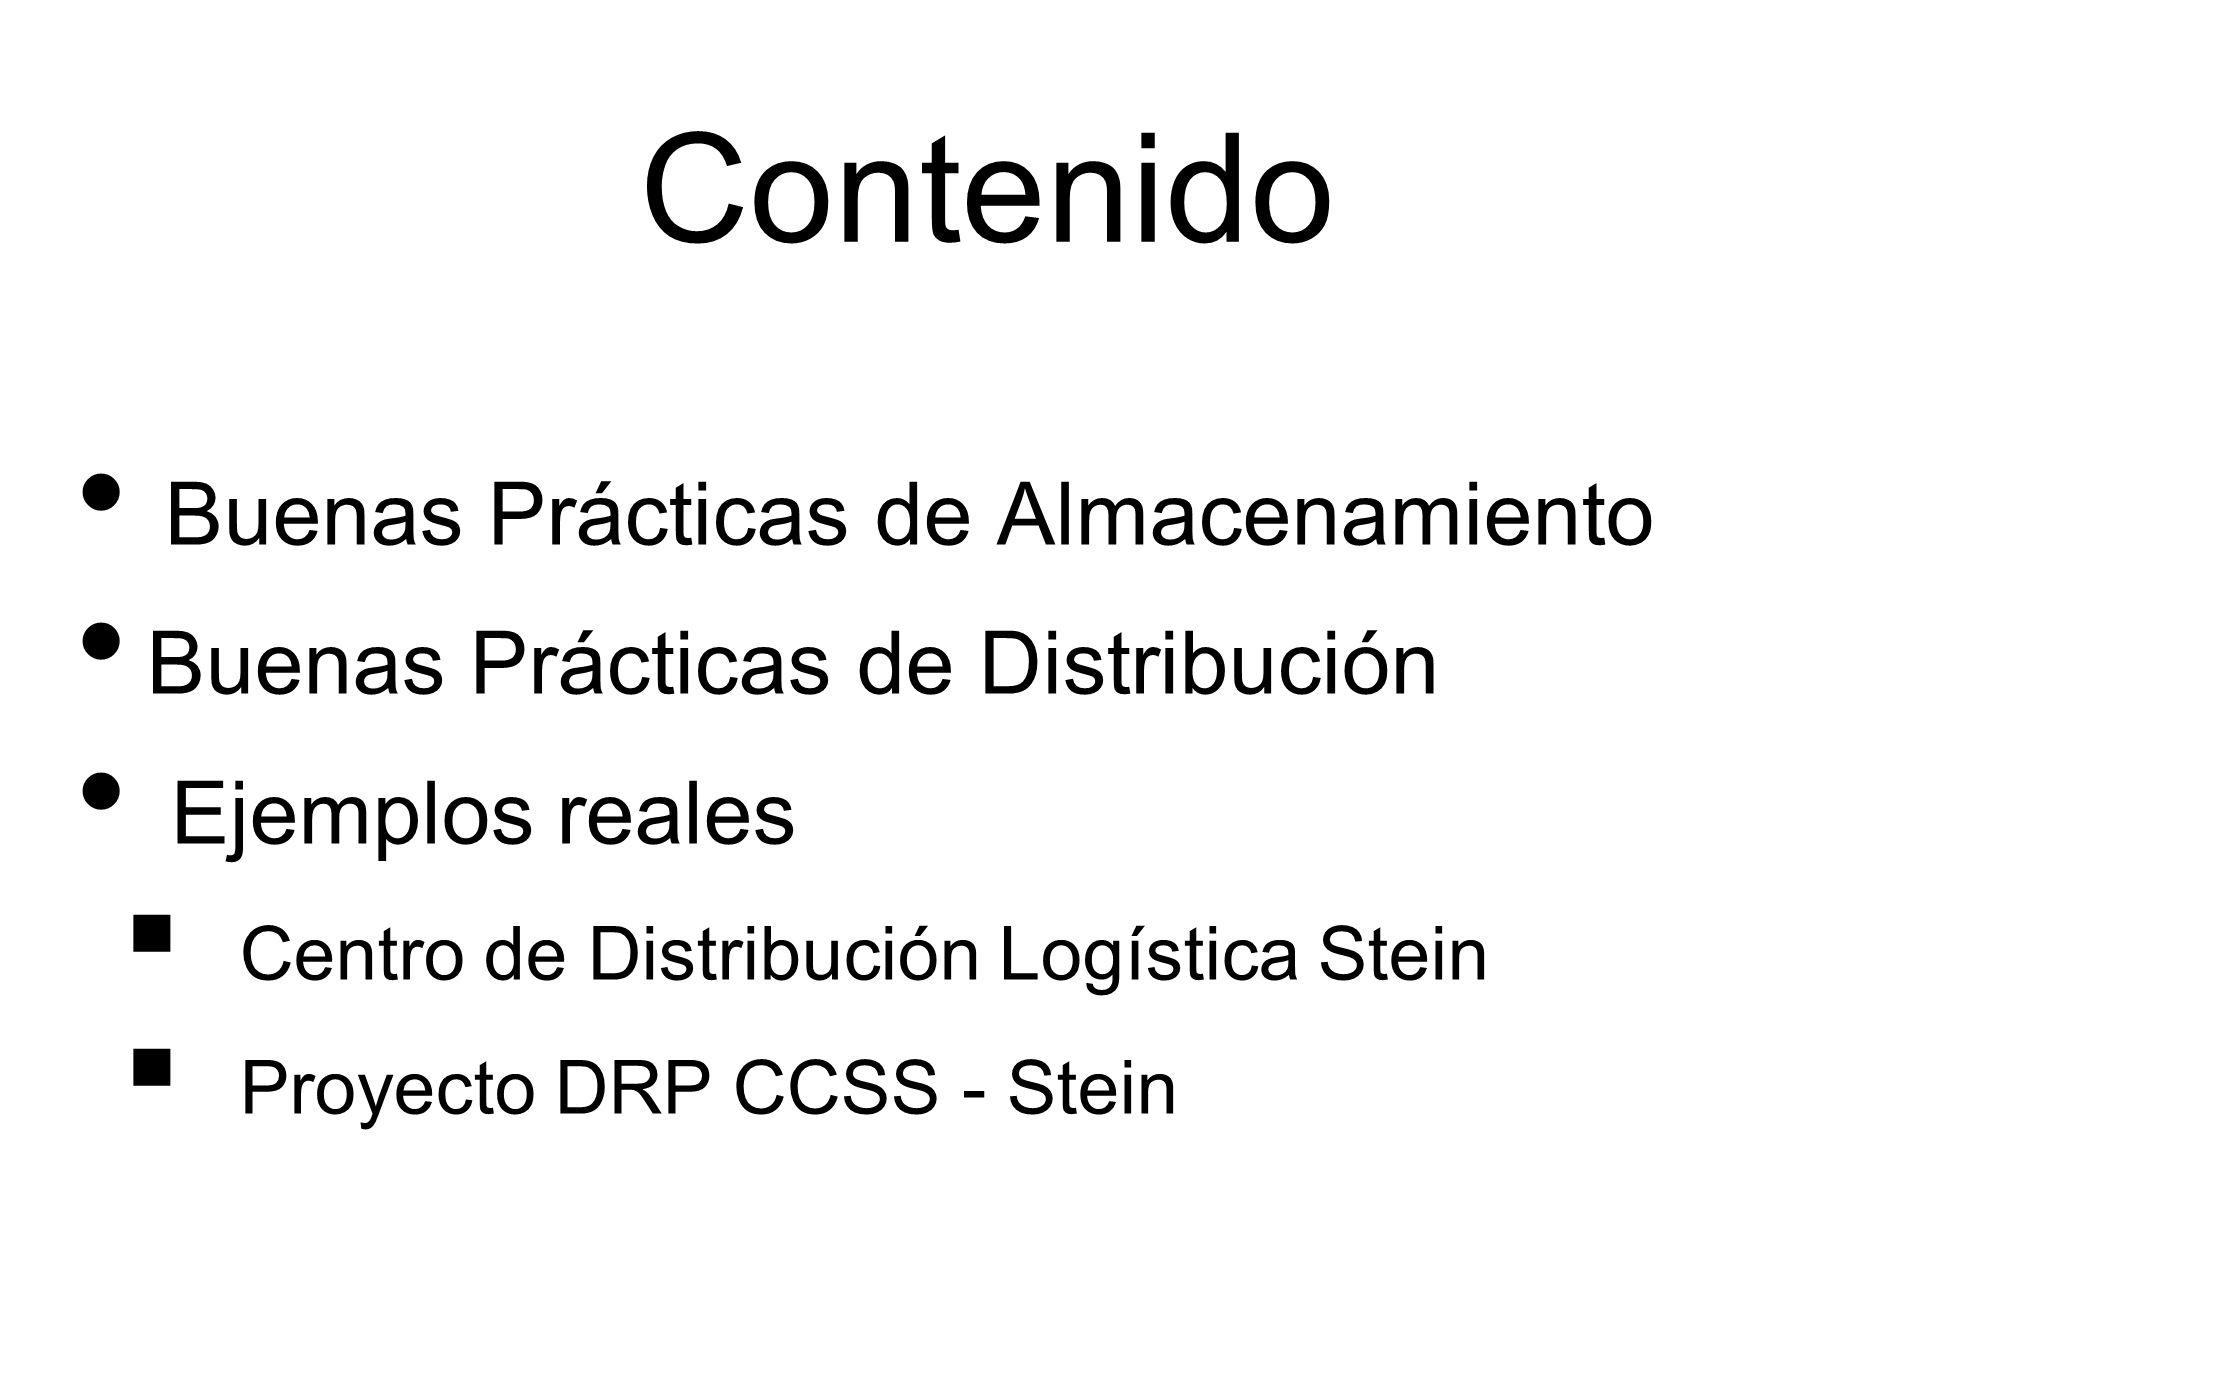 Contenido Buenas Prácticas de Almacenamiento Buenas Prácticas de Distribución Ejemplos reales Centro de Distribución Logística Stein Proyecto DRP CCSS